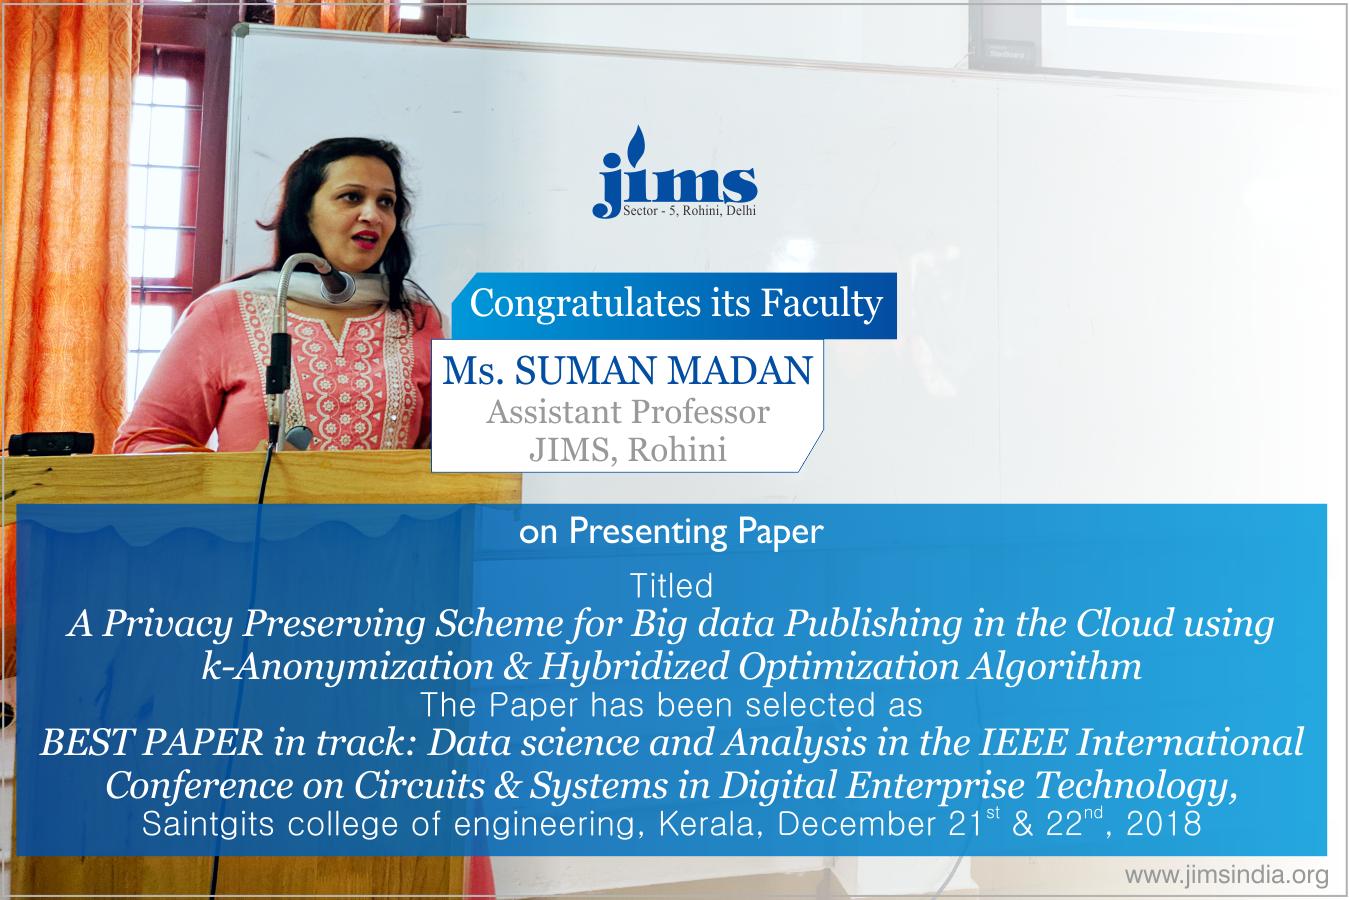 Dr. Suman Madan JIMS Rohini